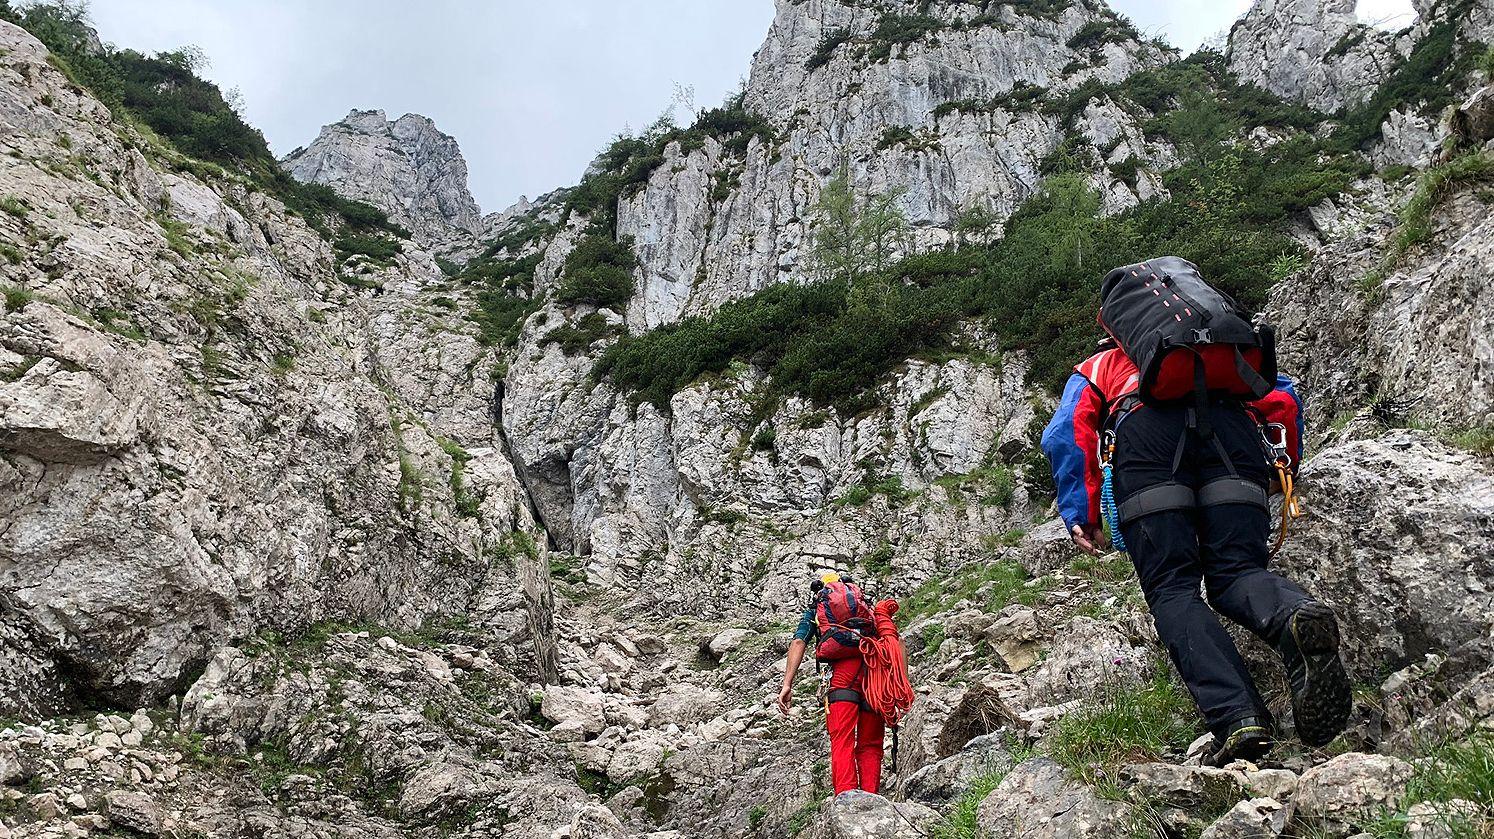 Bergretter in den Felsen auf dem Weg zum Pidinger Klettersteig